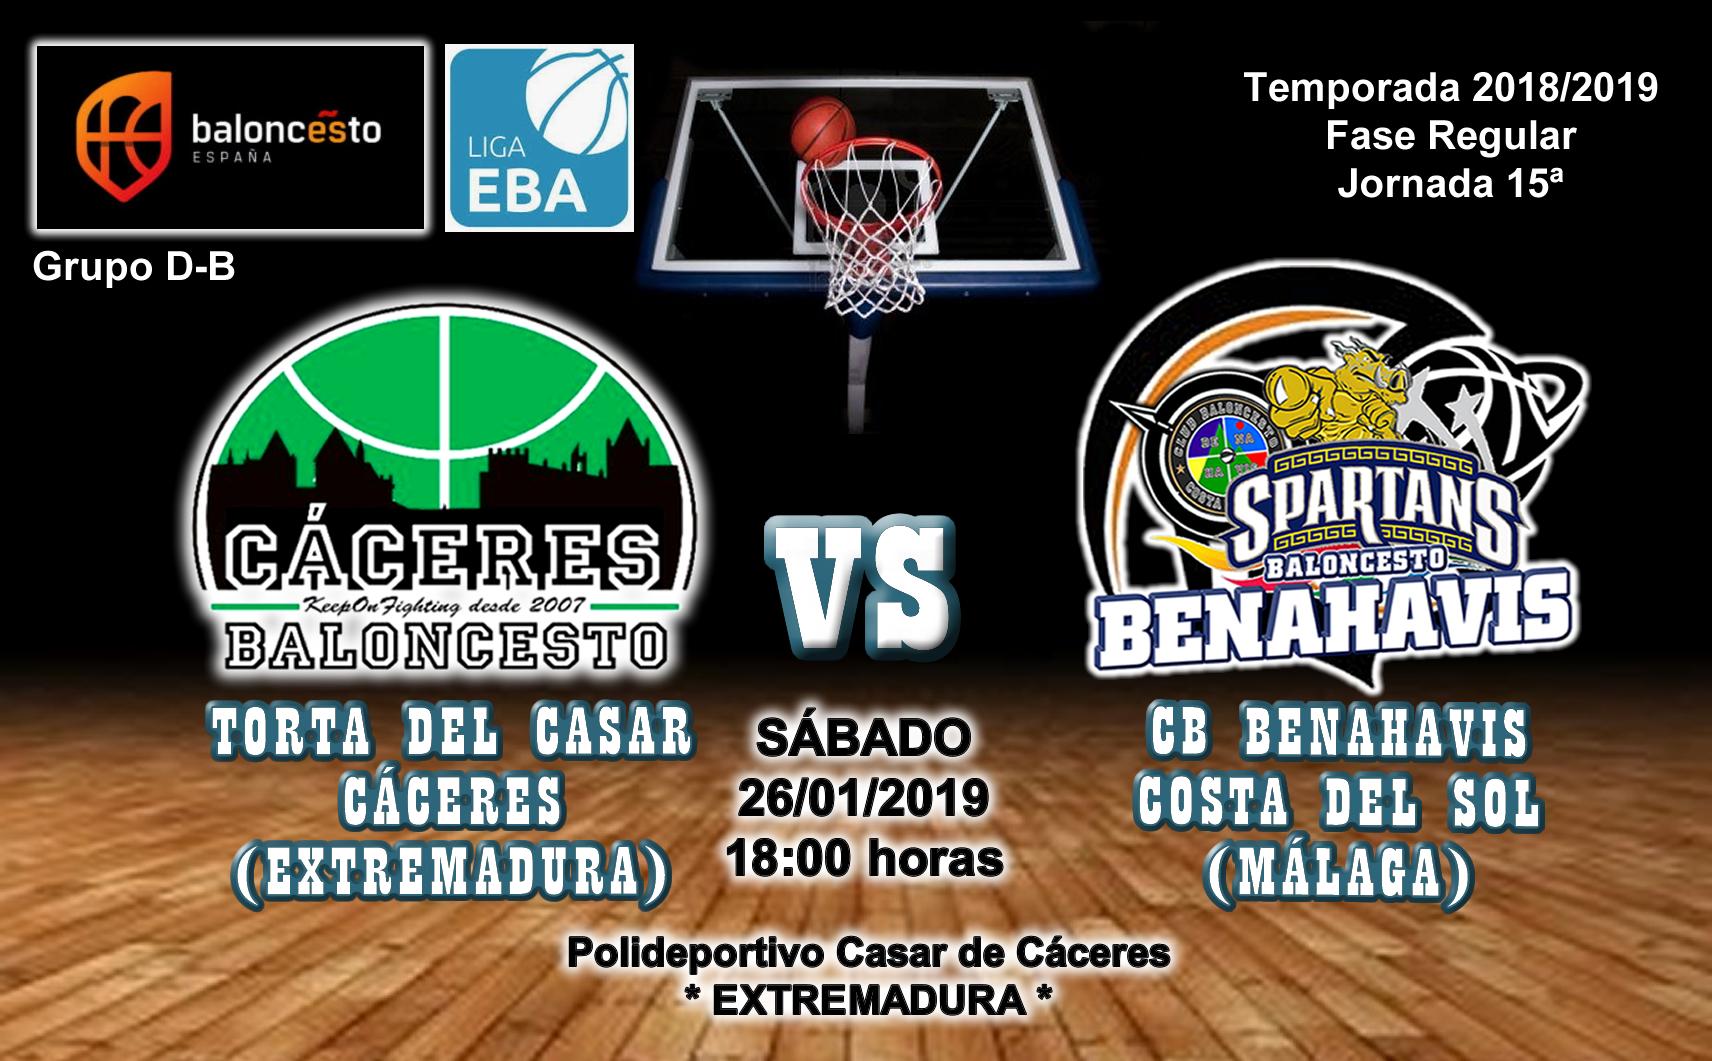 PREVIA | EBA (D-B) 18/19 | J-15ª > Torta del Casar Extremadura vs CB Benahavís Costa del Sol